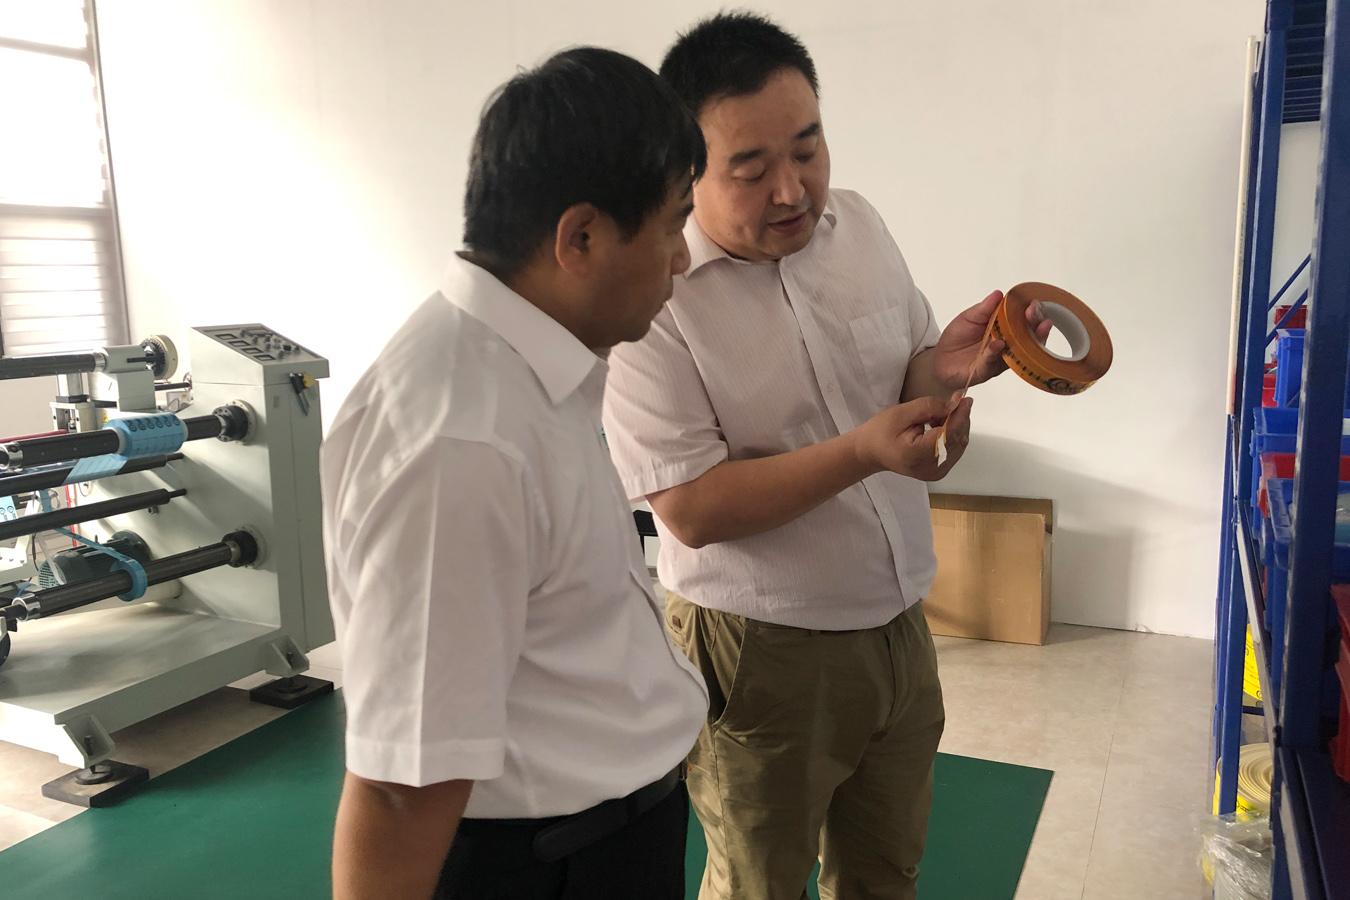 民盟中央社会服务部部长刘圣宇深入博阳调研座谈